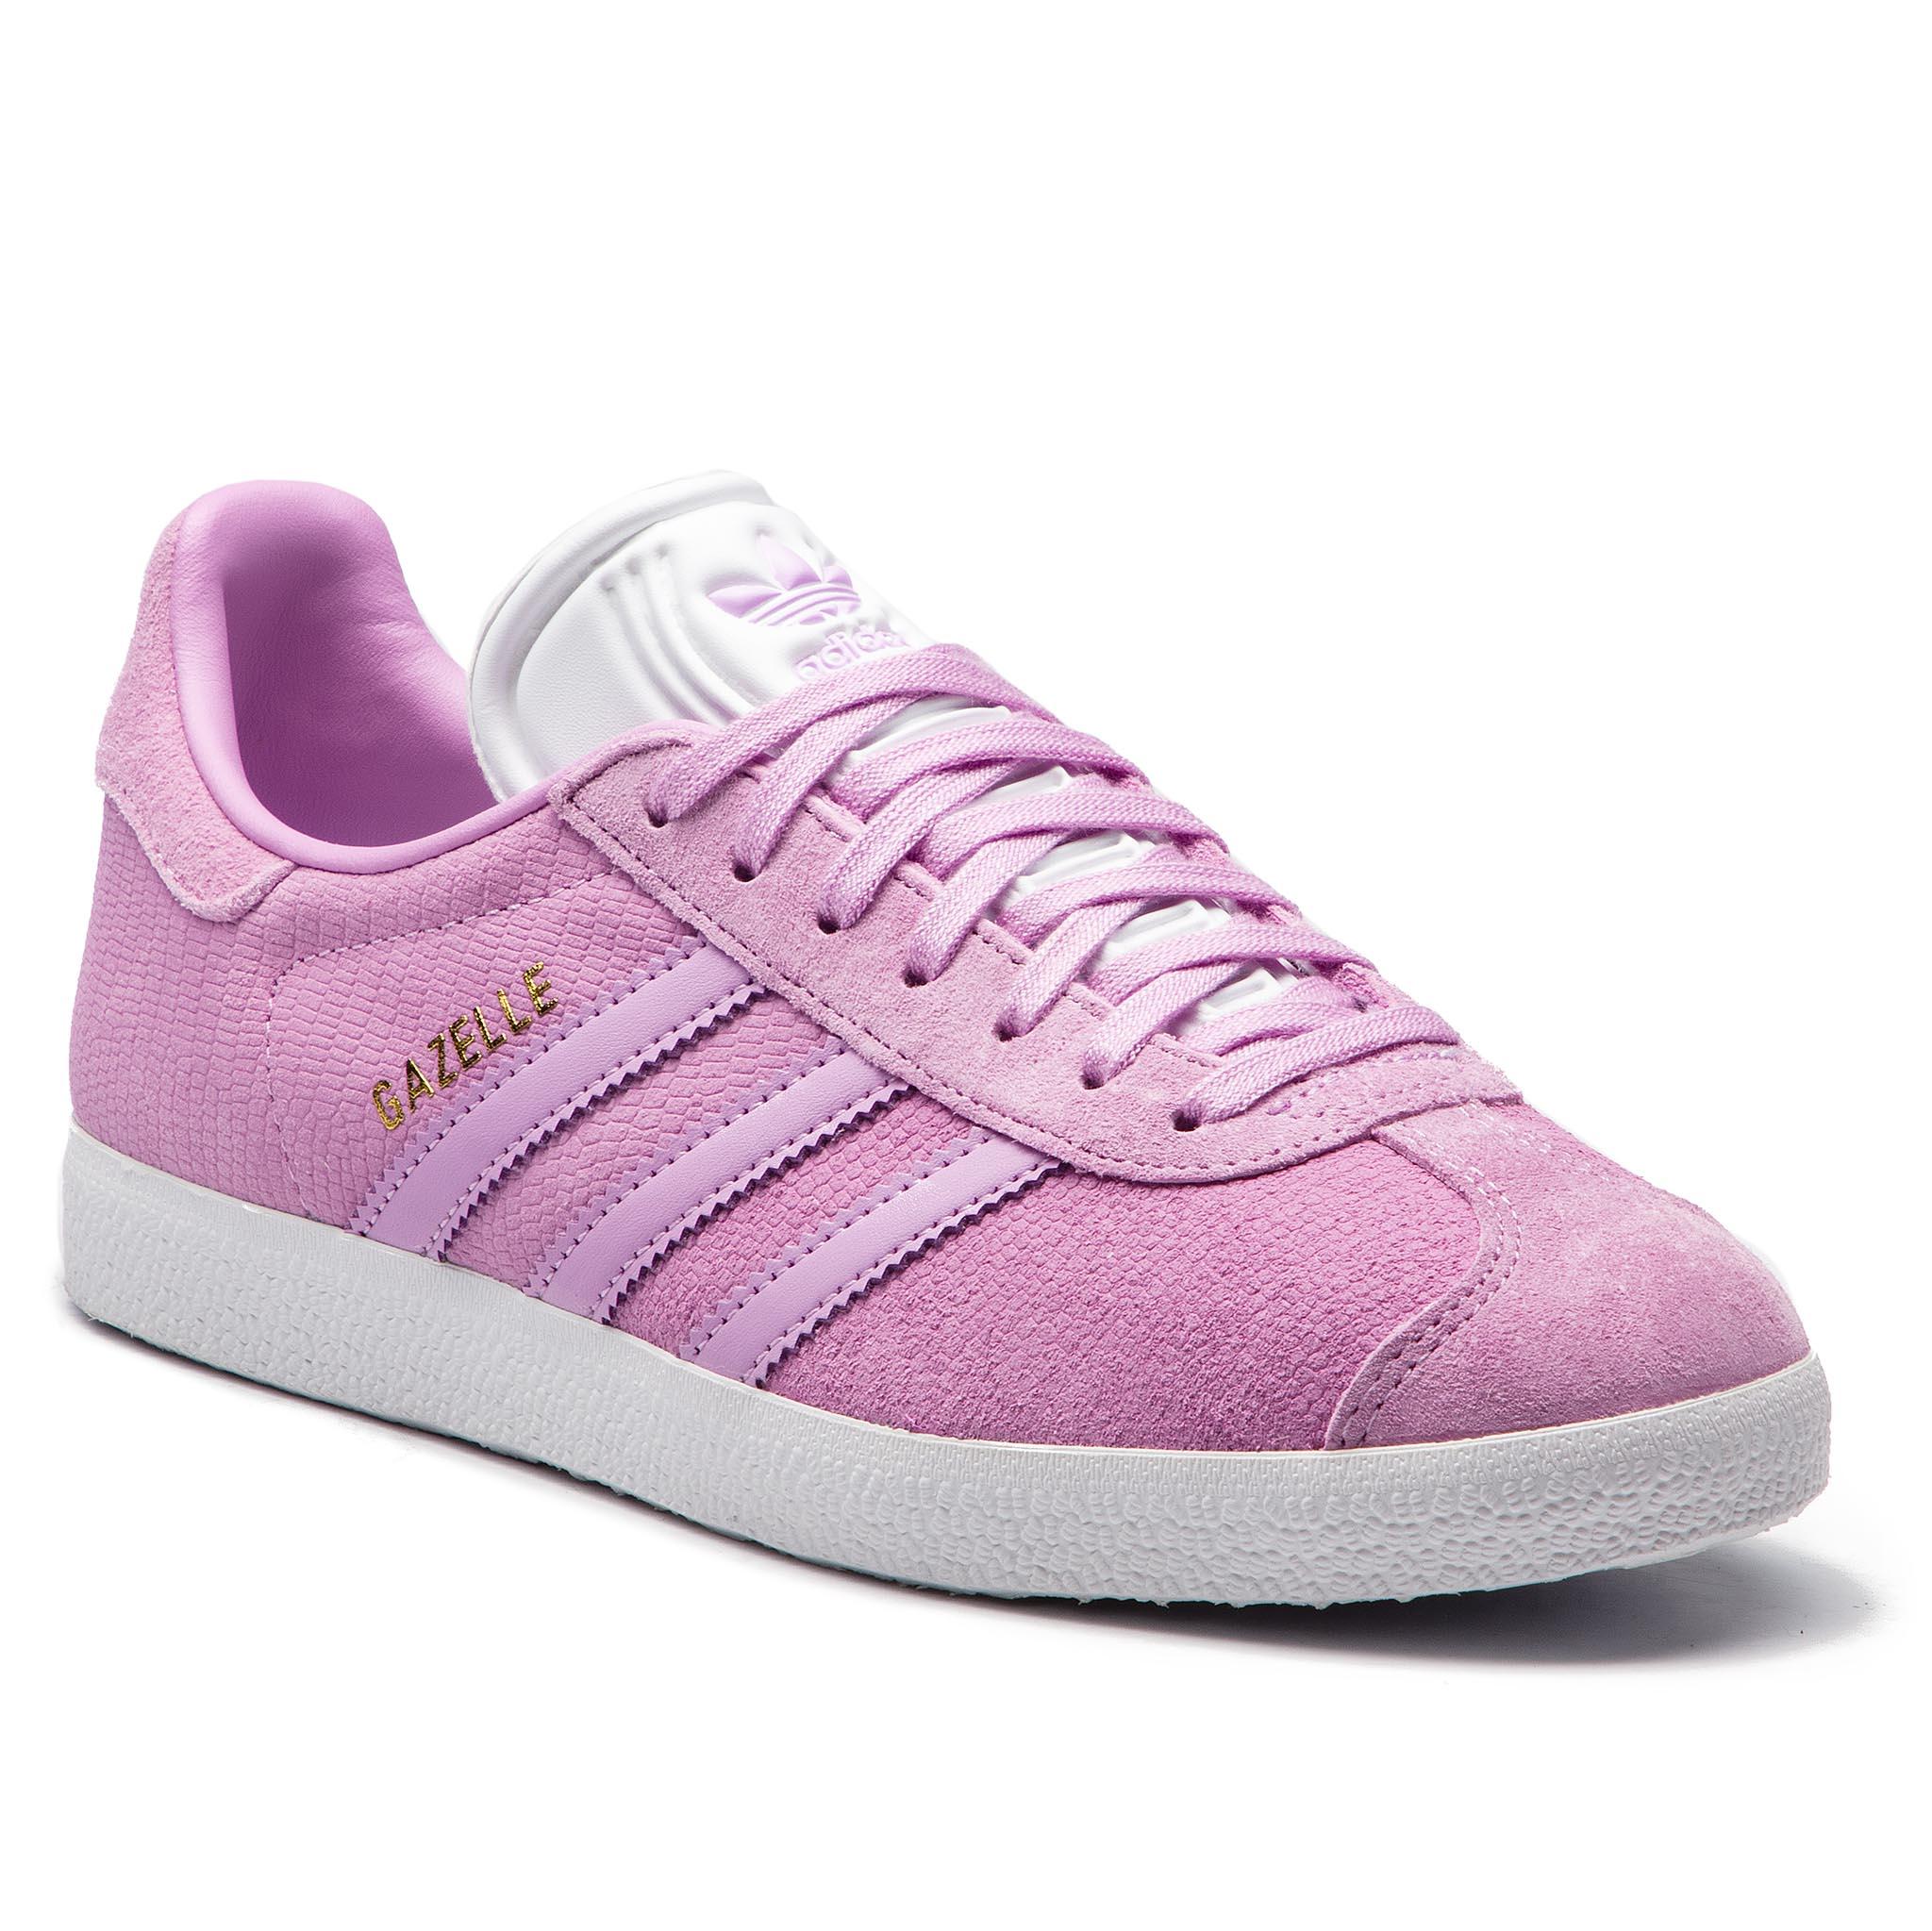 Topánky adidas - Gazelle W B41663 Clelil Clelil Ftwwht - Glami.sk d47e6fbf01